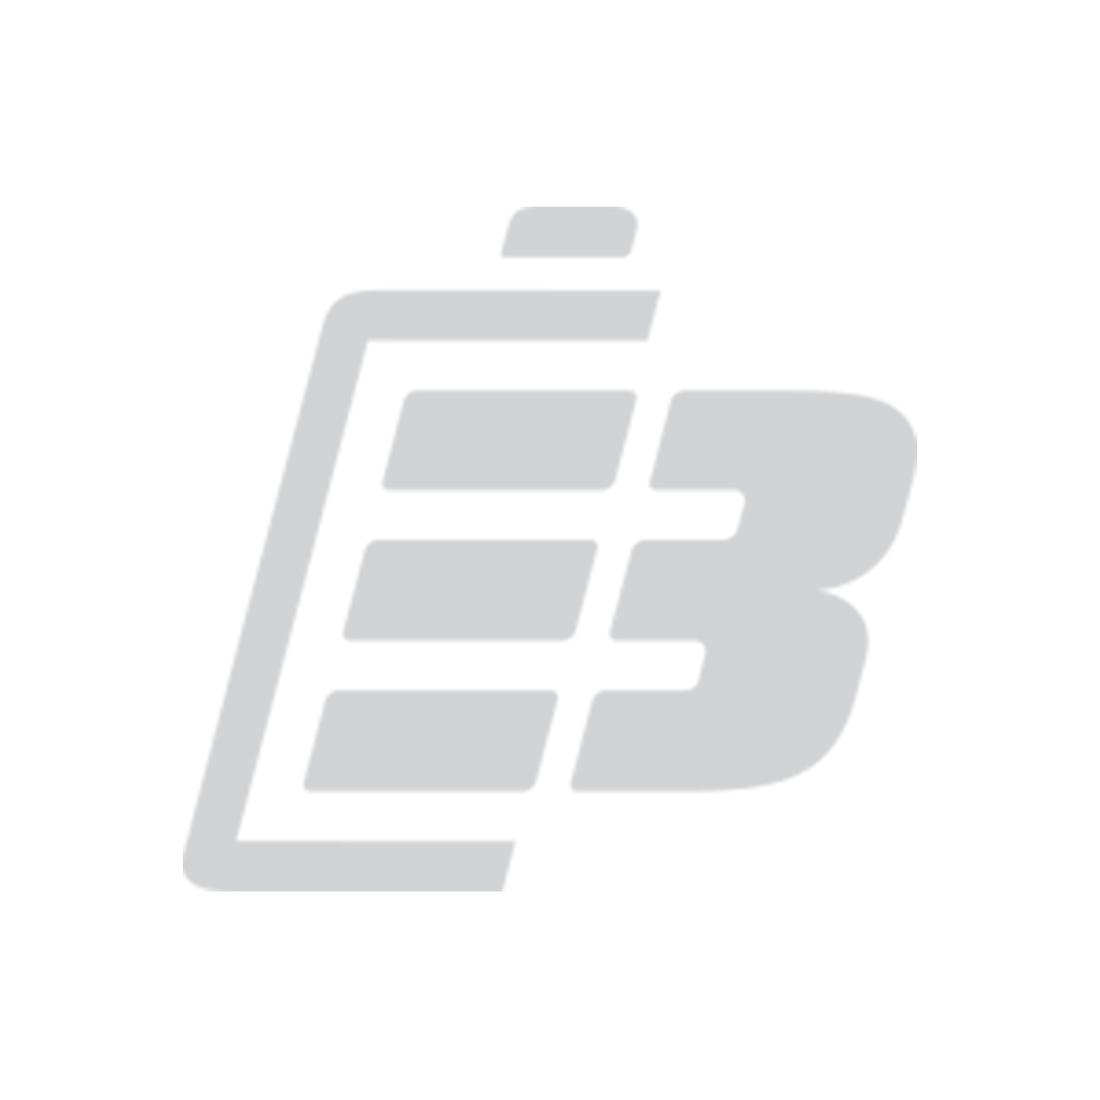 """Laptop battery Apple MacBook Air 12"""" A1534_1"""